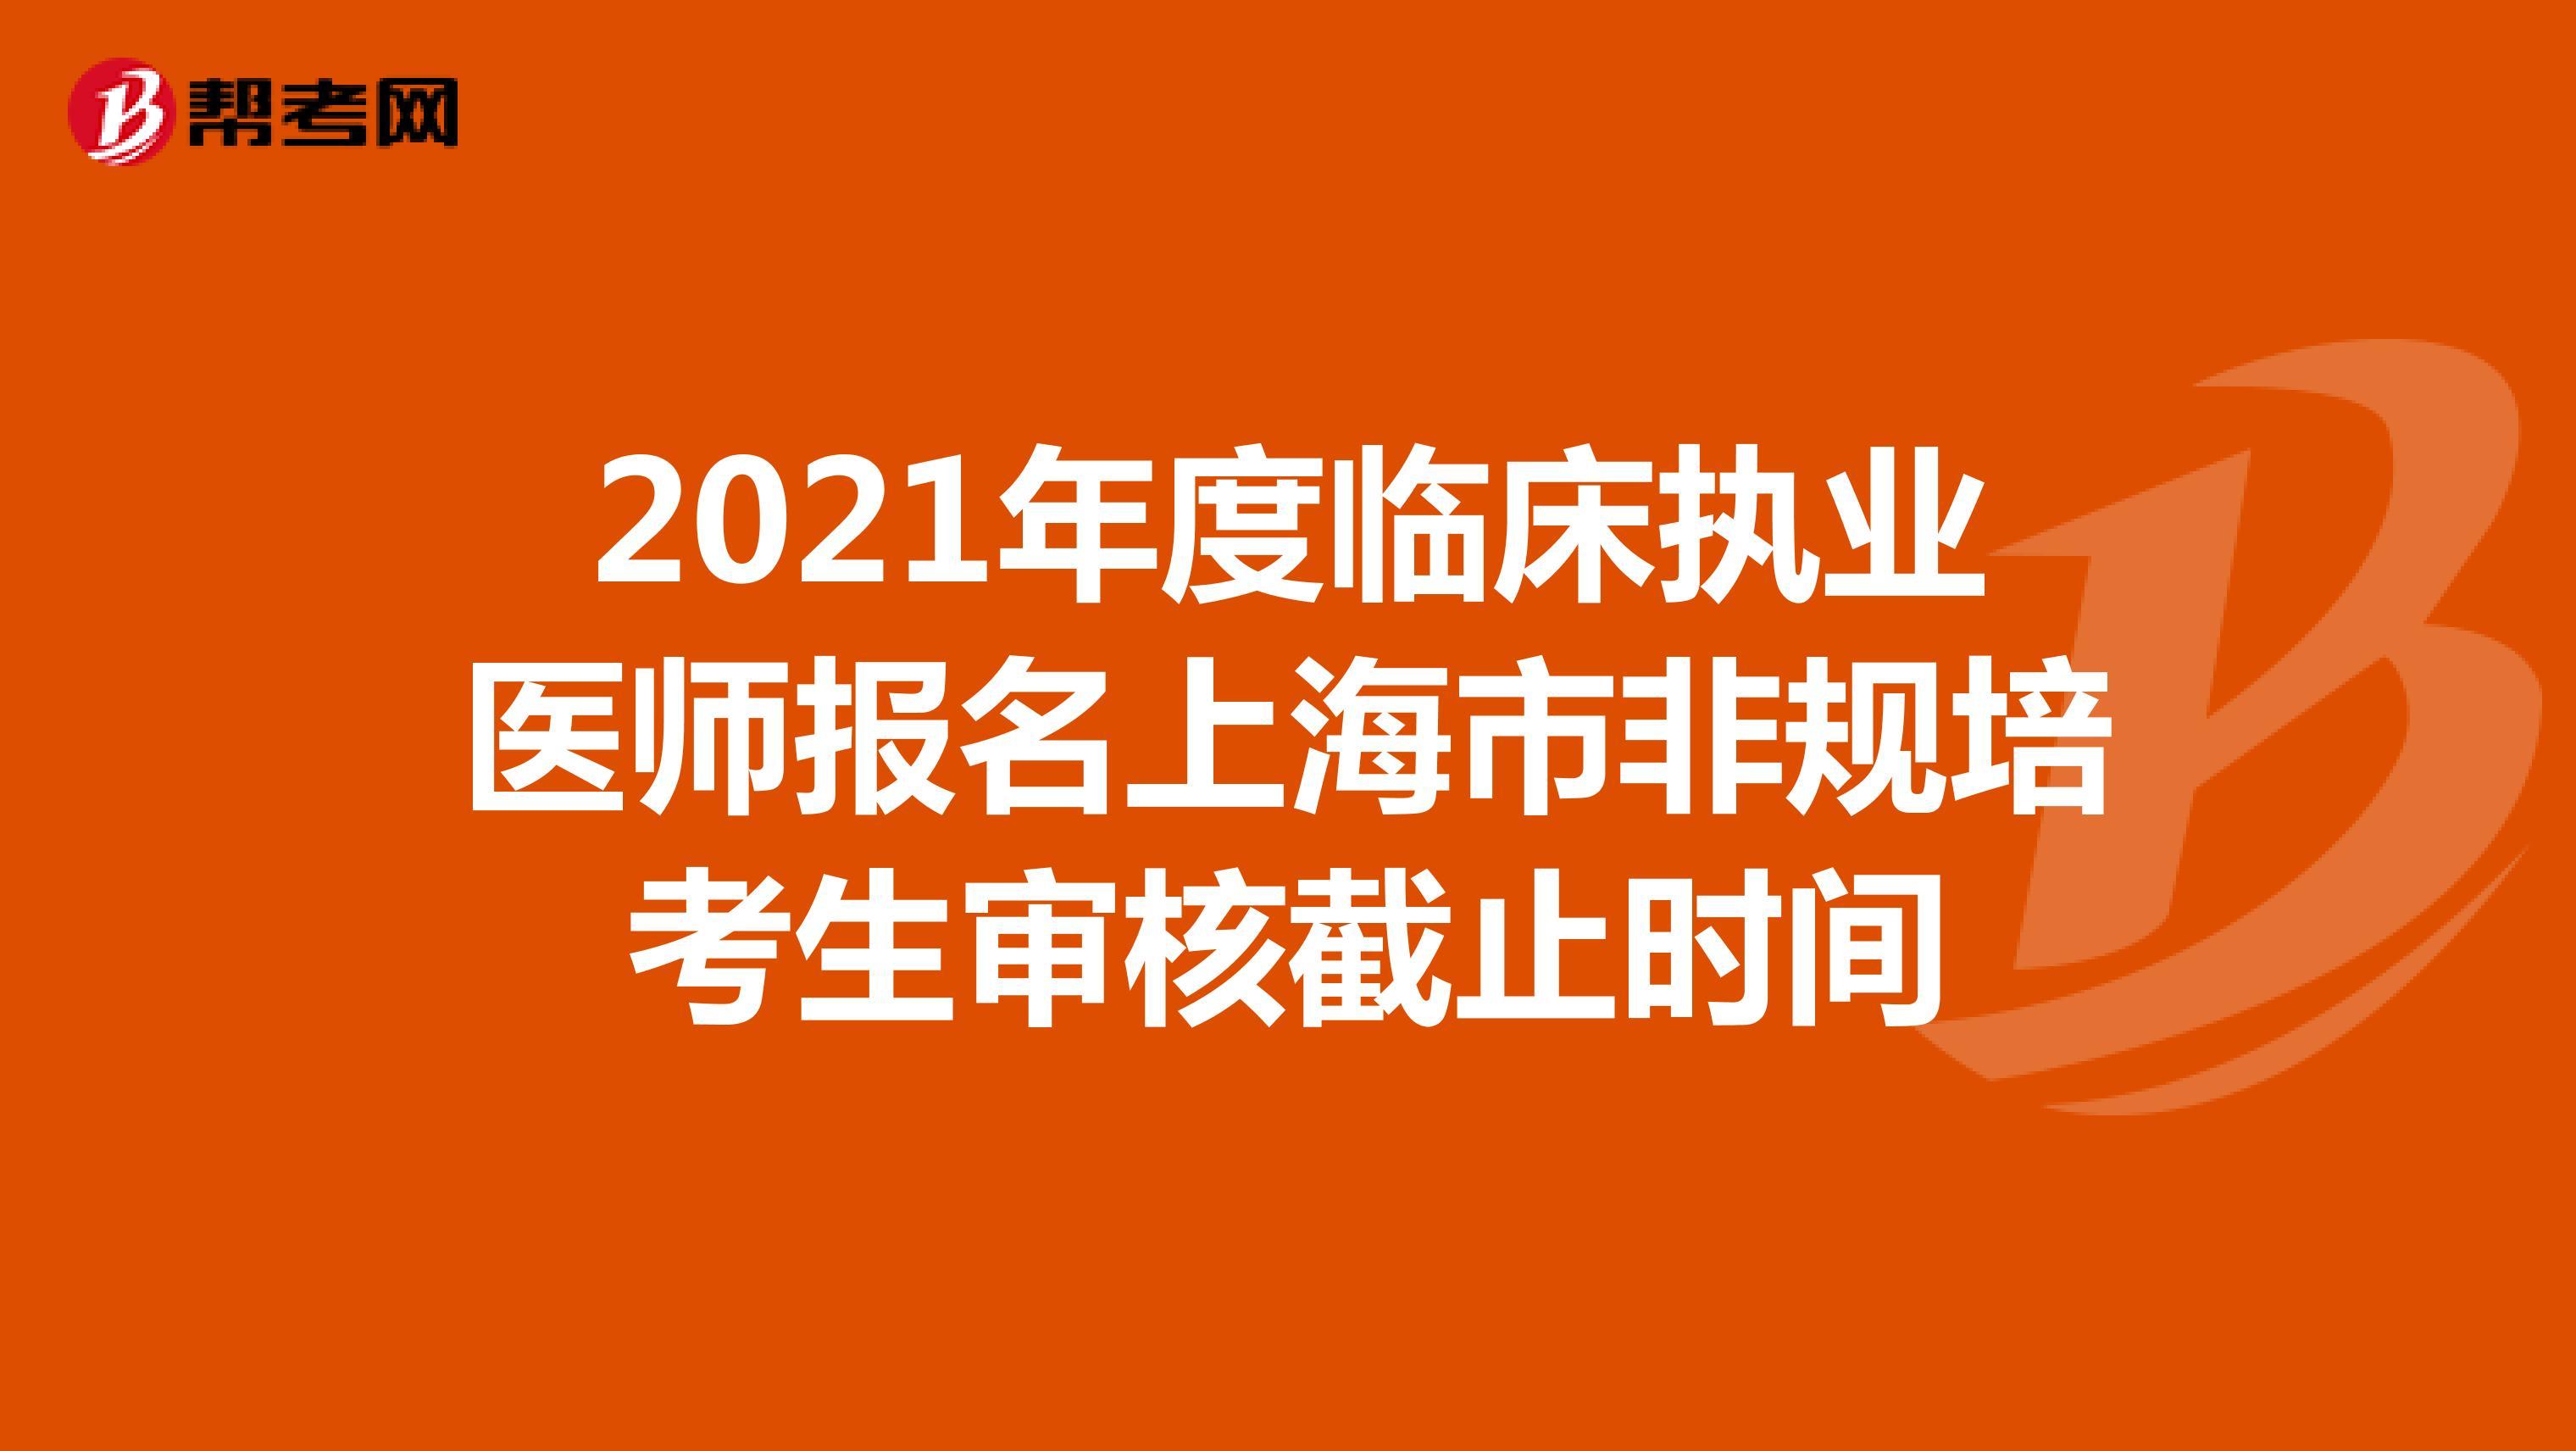 2021年度临床执业医师报名上海市非规培考生审核截止时间